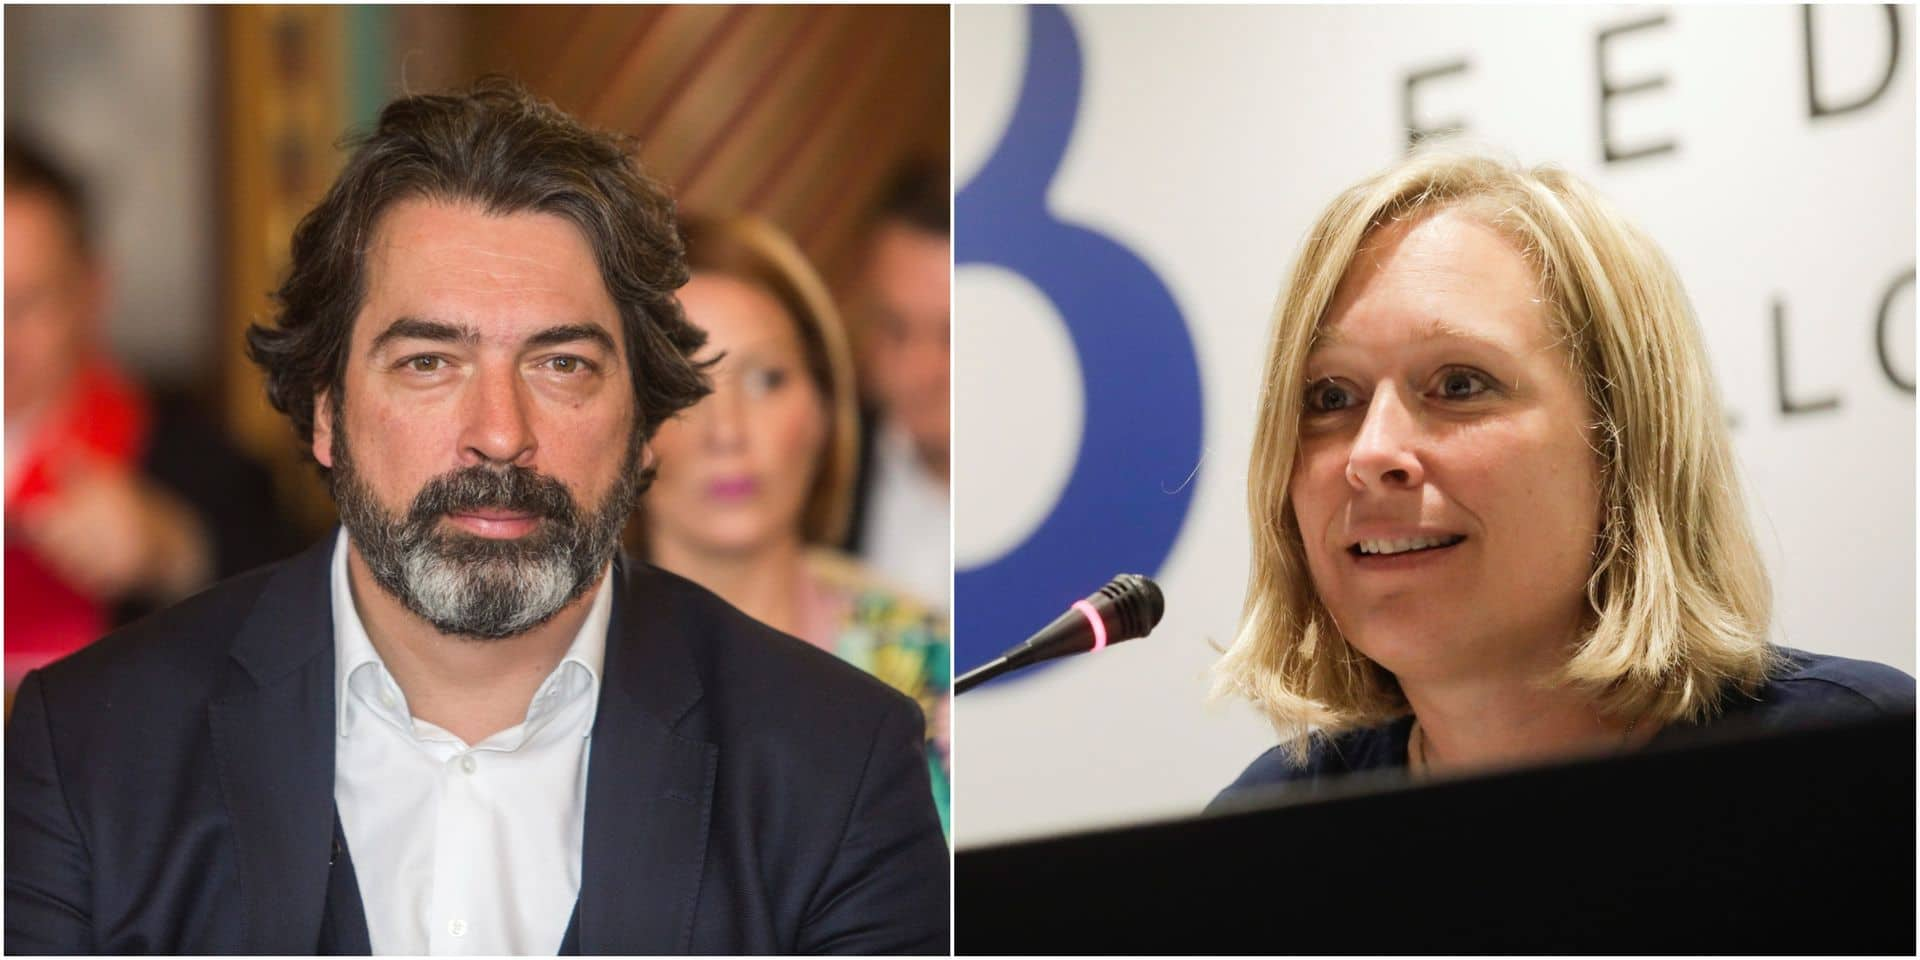 Luc Gillard, Député-Président de la Province de Liège et Bénédicte Linard, ministre de la Culture, ont décidé de maintenir les Rencontres théâtre jeune public.